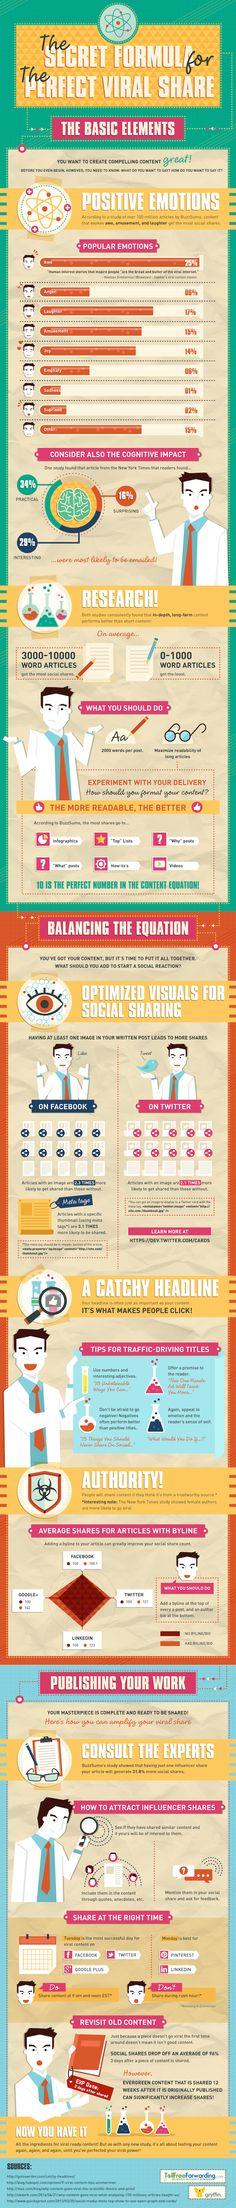 ¿Cómo viralizar al máximo tus contenidos? Calidad, imágenes y emociones